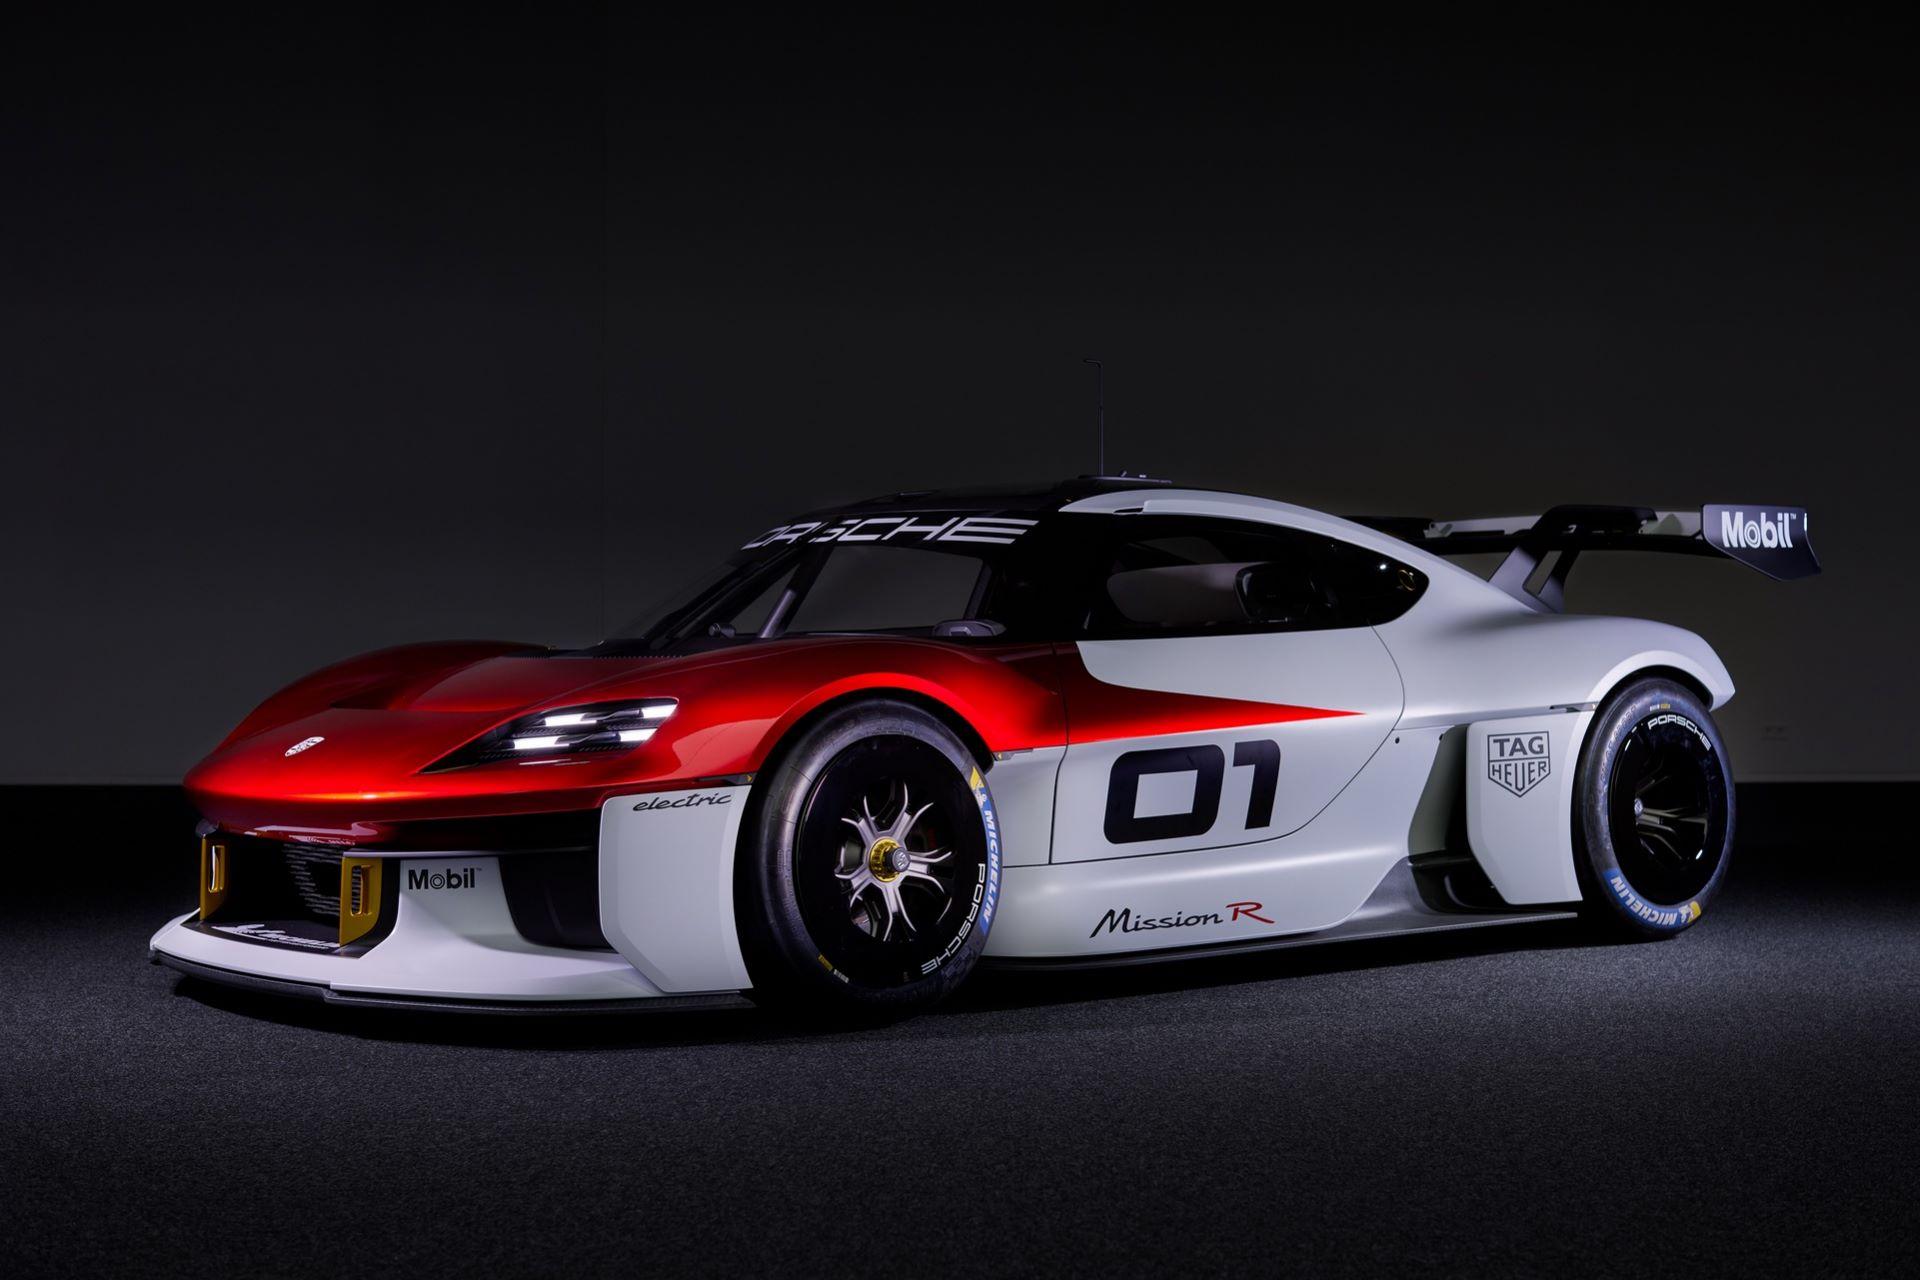 Porsche-Mission-R-concept-7